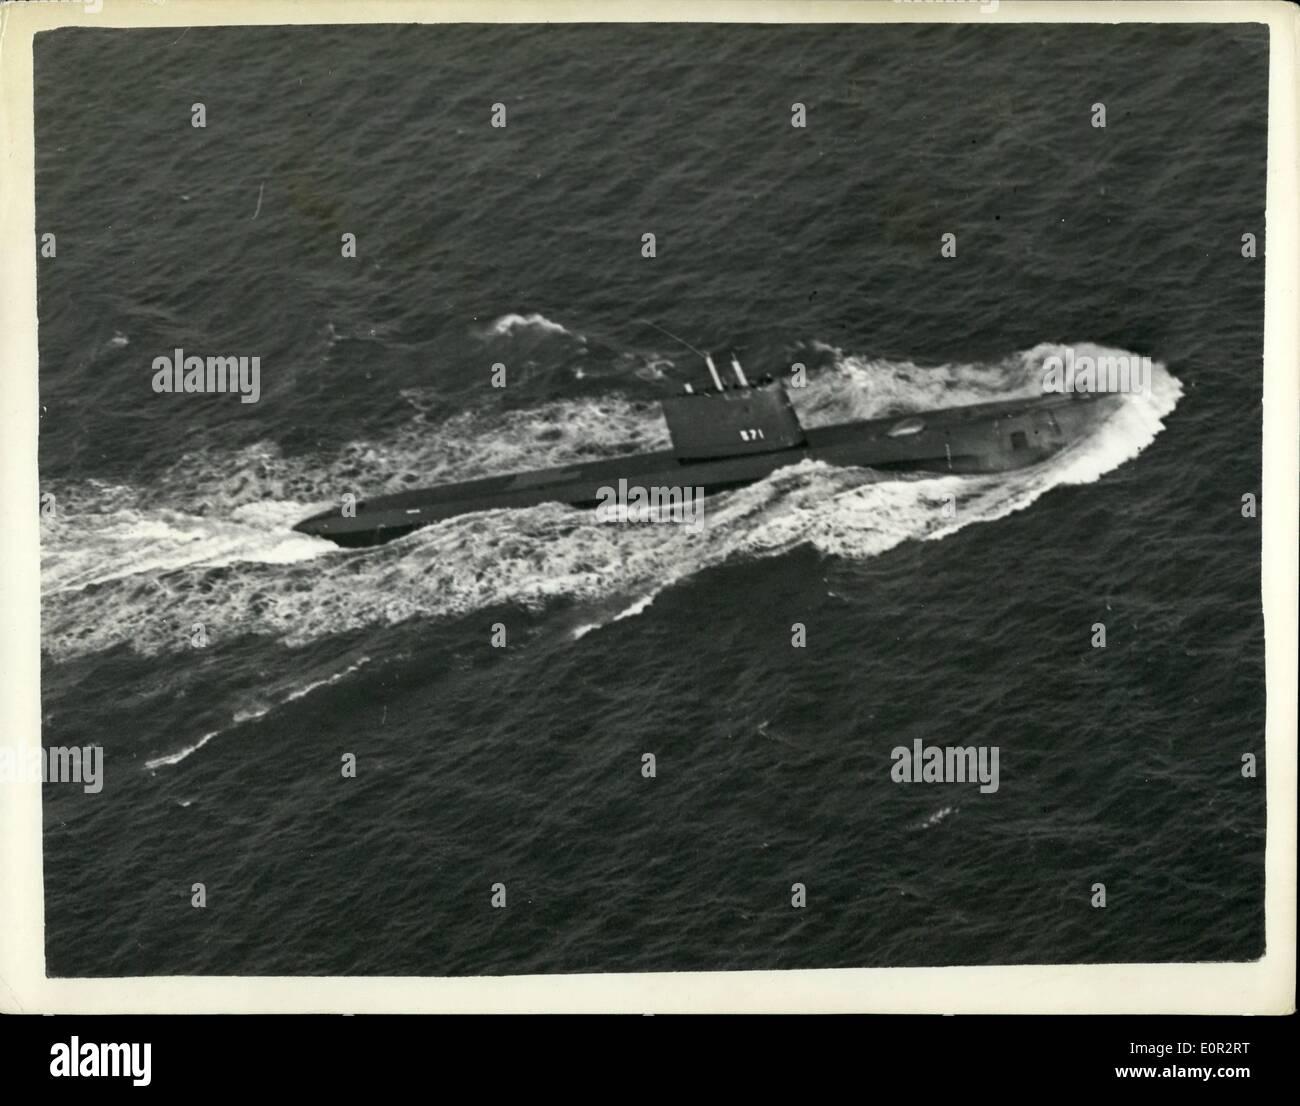 Octubre 10, 1957 - El Submarino Atom Velas - Después de 14 días bajo el océano.: mundos-record de buceo submarino de 14 días 3-1/2 horas fue reclamada por la Marina de los Estados Unidos de atom powered submarino Nautilus por su comandante, de 36 años de edad Comandante William R. Anderson, cuando él trajo el submarino en Pórtland, Dorset ayer. El Nautilus fue su primera visita oficial a un país extranjero. Durante su largo período bajo el agua. Nautilus viajó 5.000 millas a más de 15 nudos sin una vez desbastado o ''snorkeling''. La foto muestra los EE.UU. Imagen De Stock